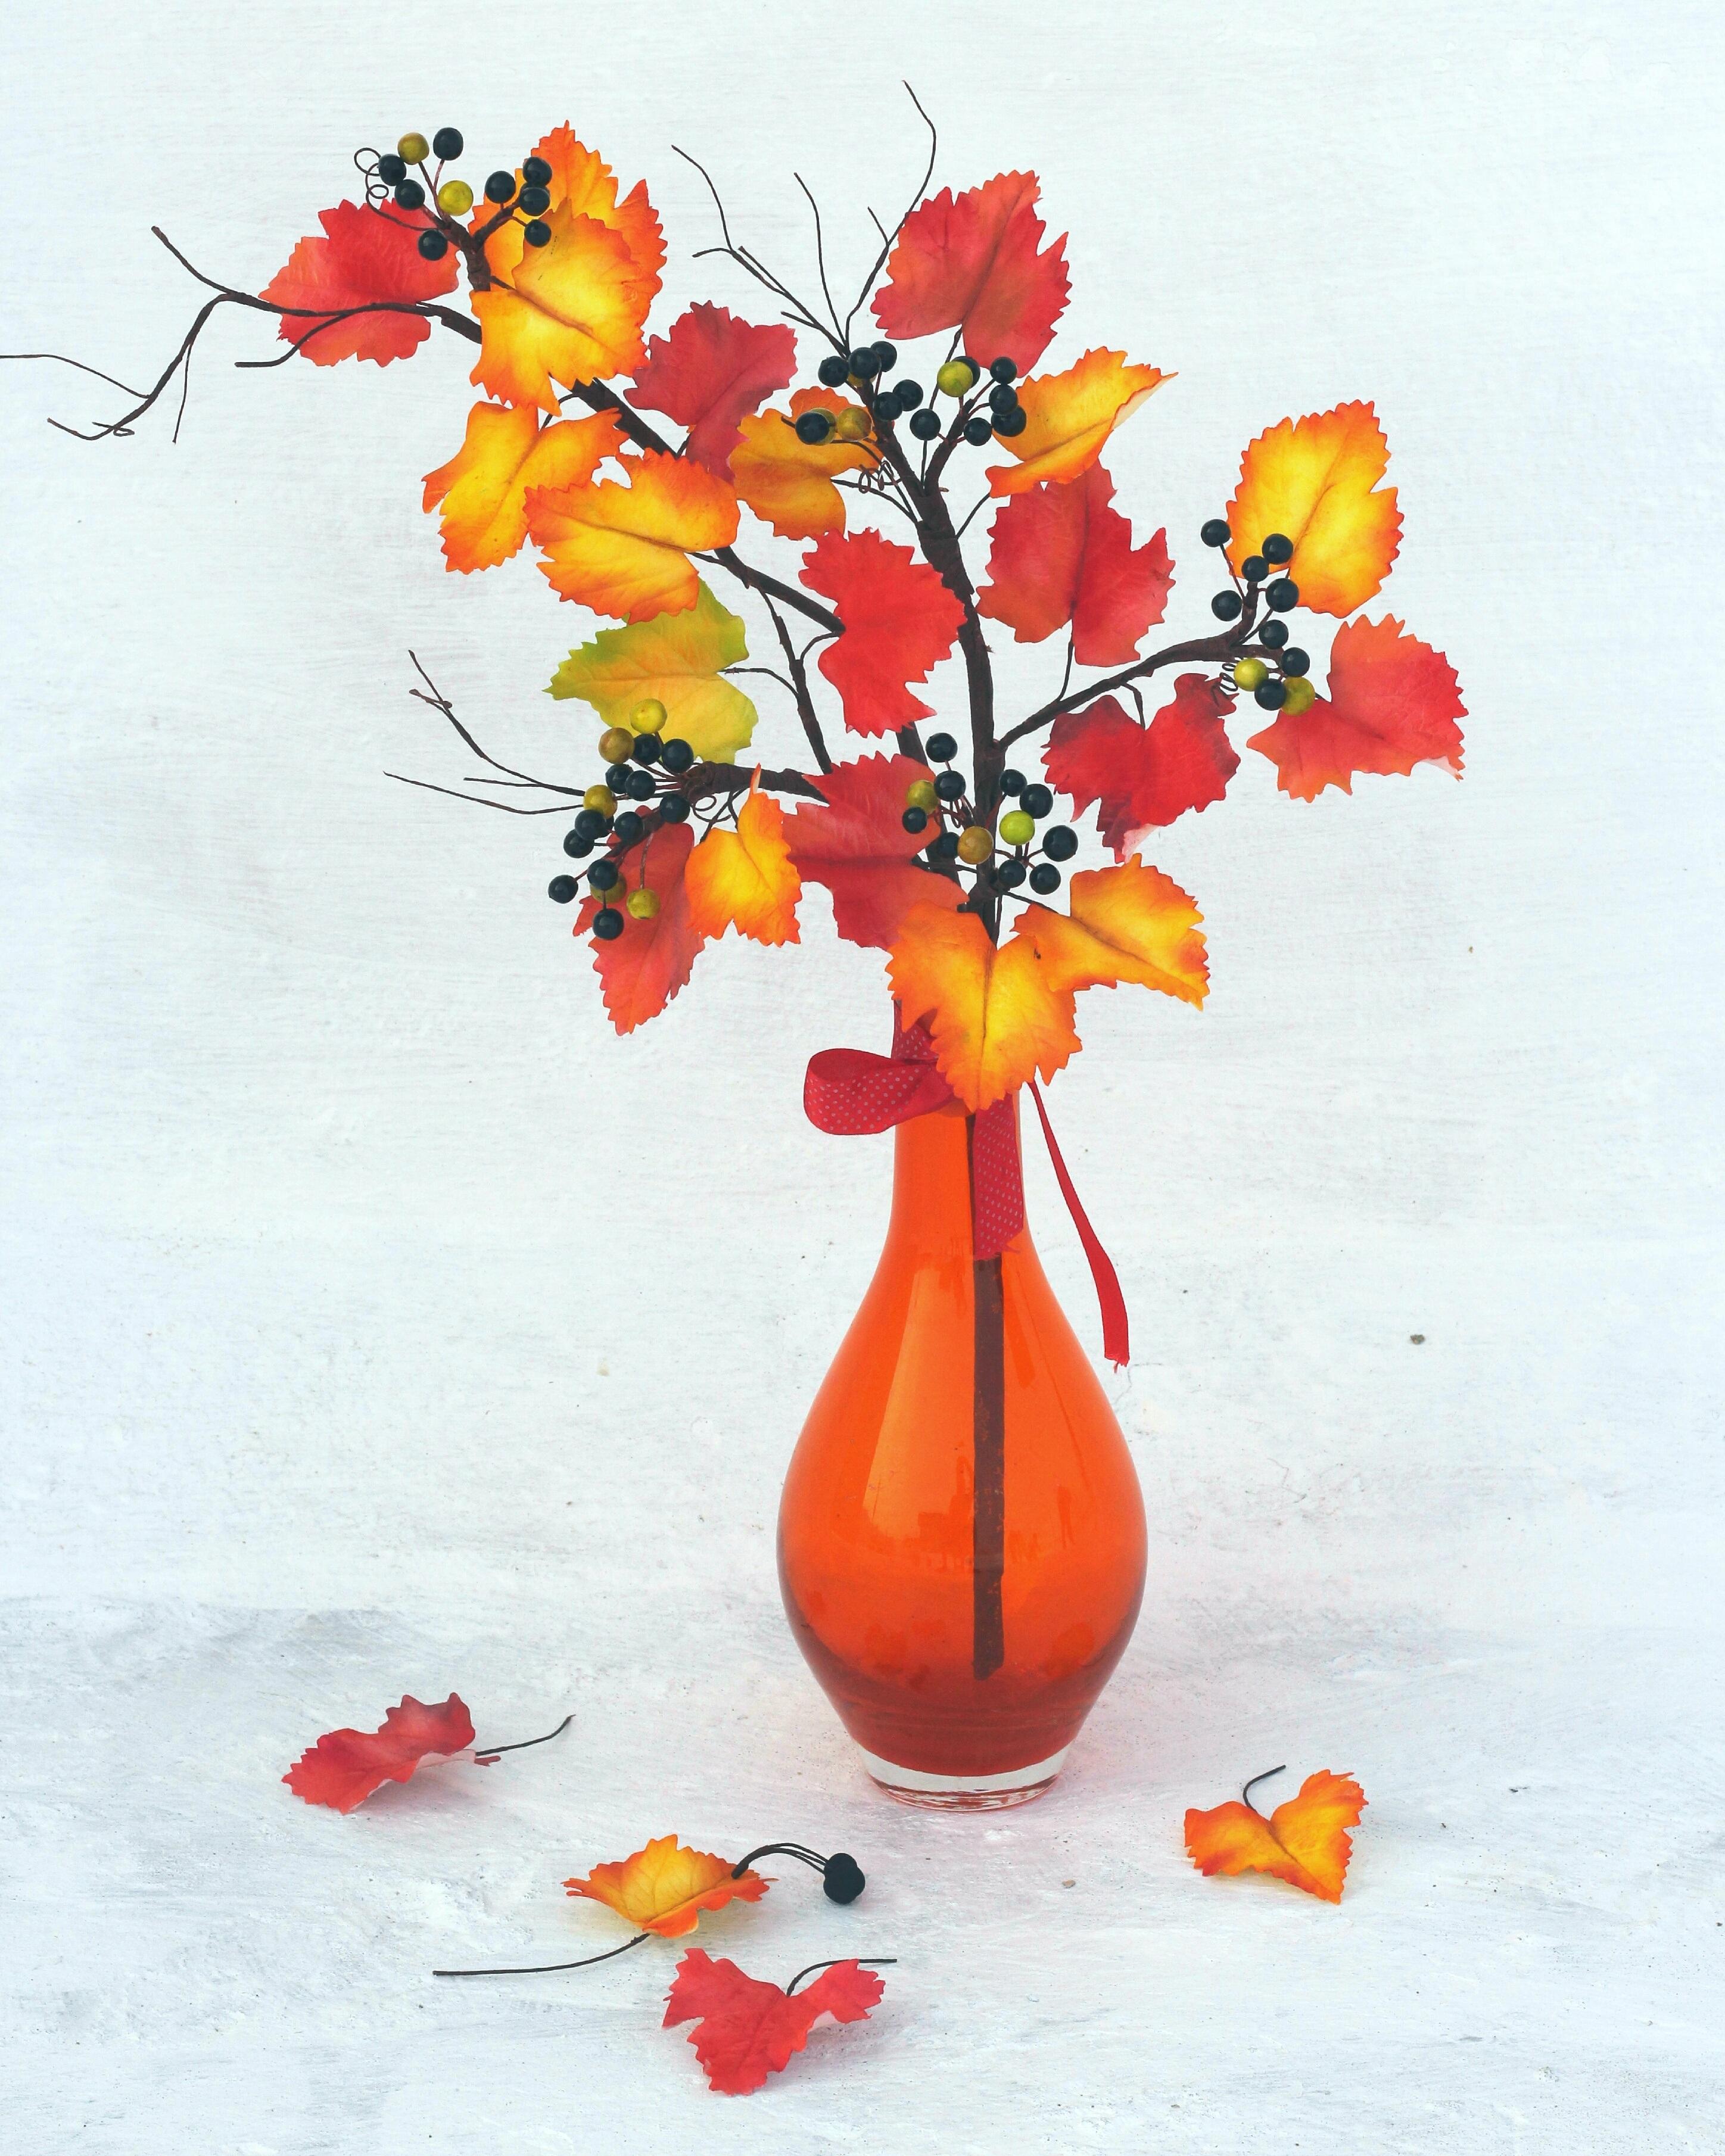 Orange and yellow sugar flowers